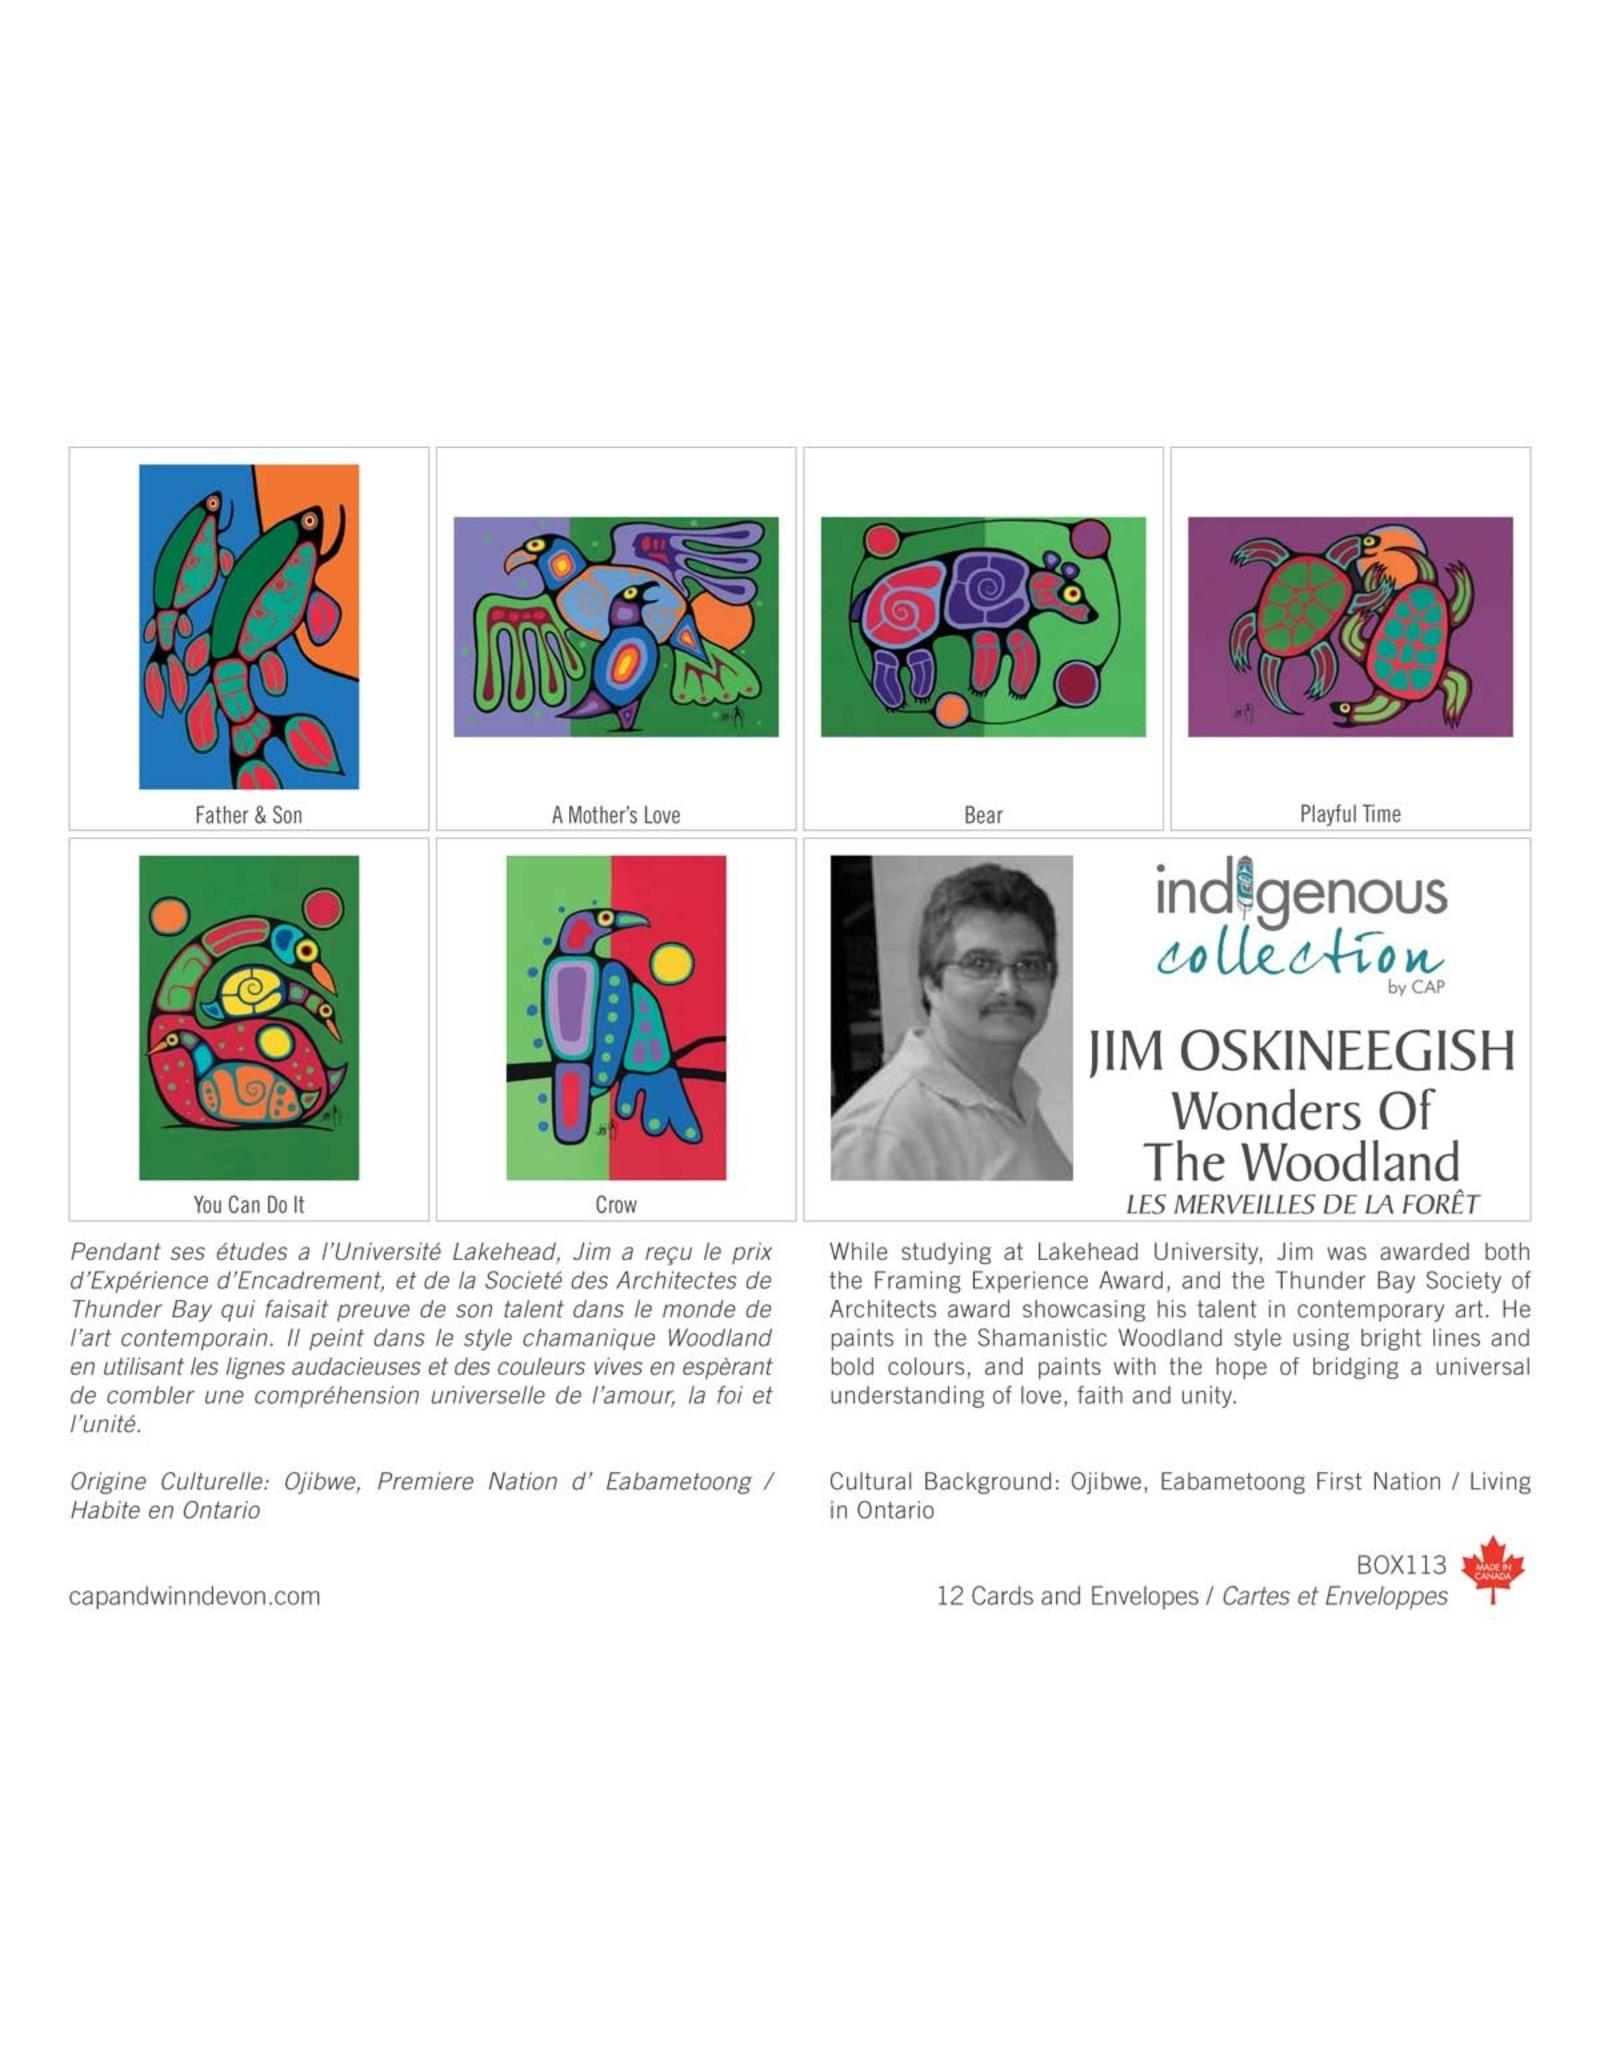 Boîte de 12 Cartes Les Merveilles de la Forêt - Boîte 113